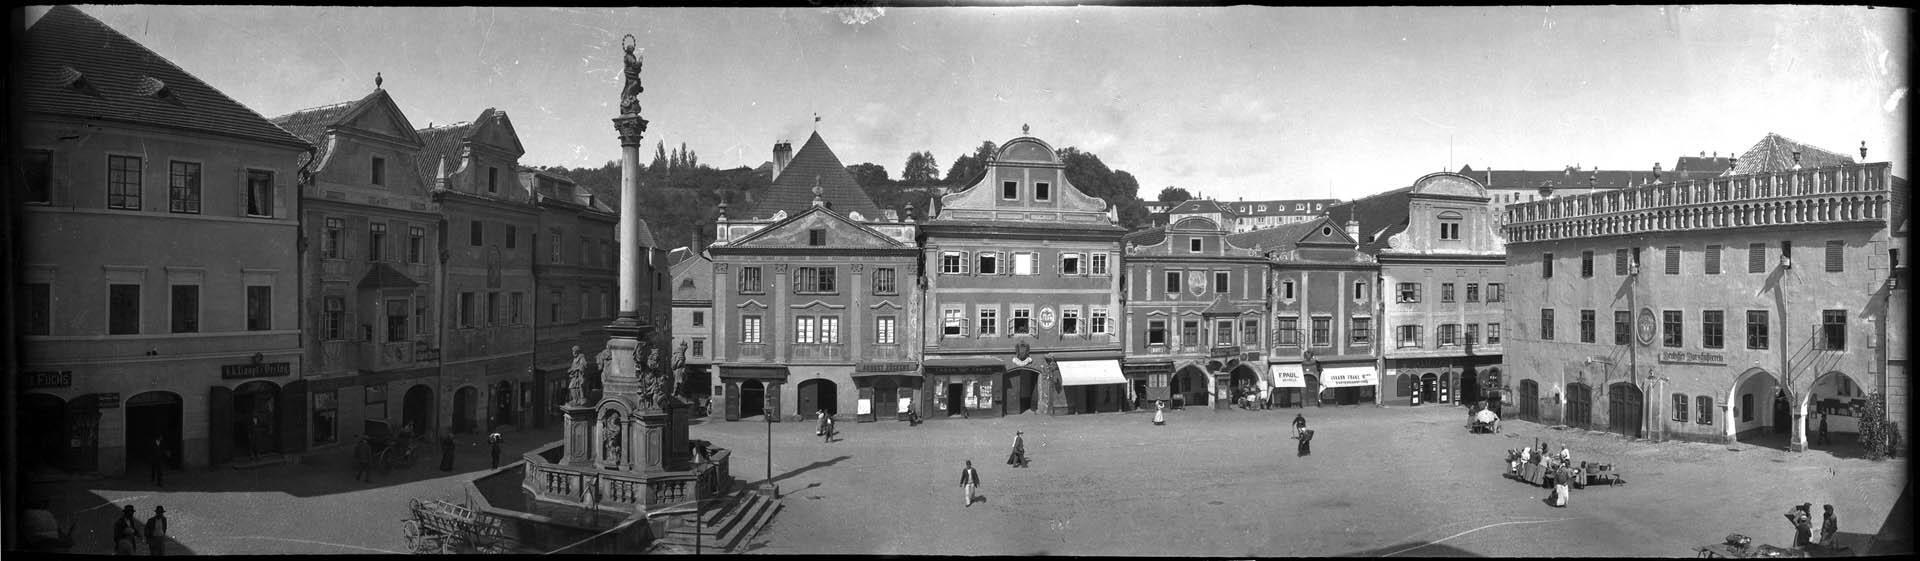 History Oldinn, Jan Hotels, Czech Republic